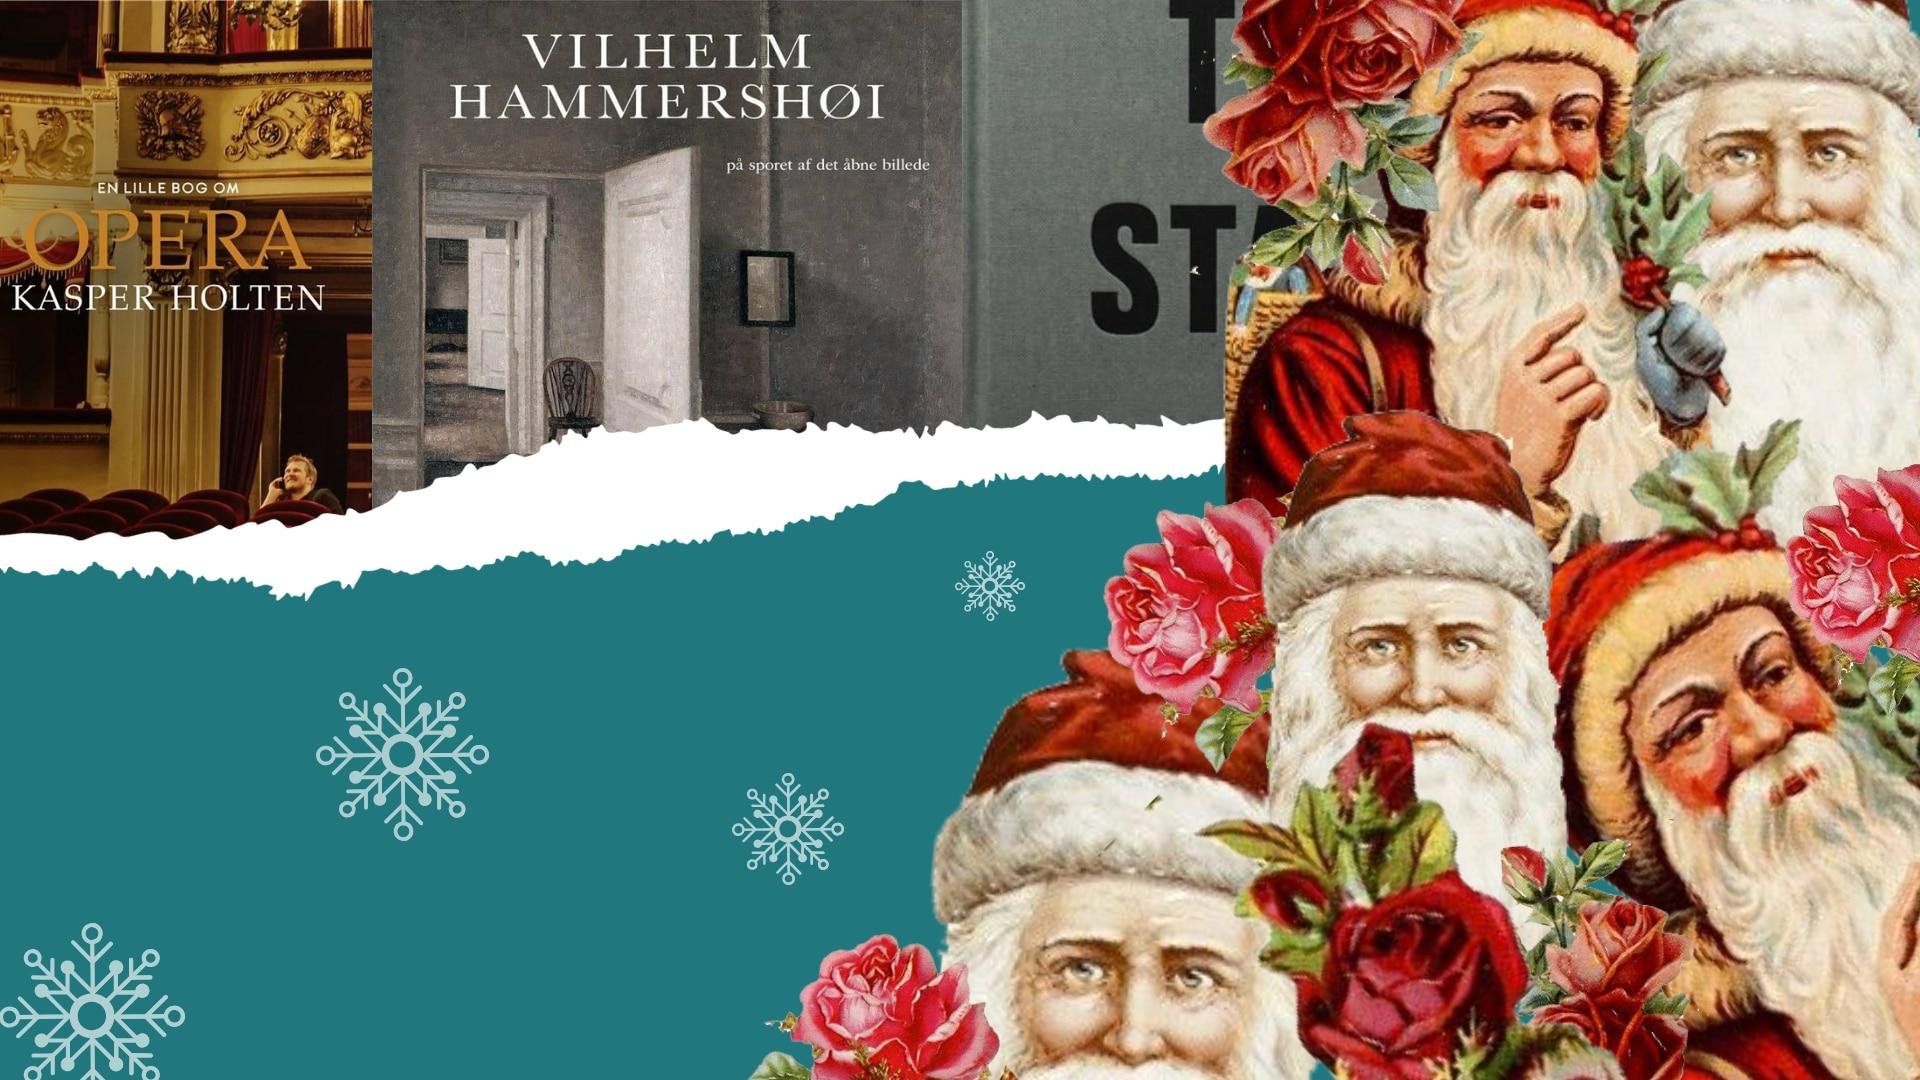 bedste bøger 2018, julegaver, kunst, kunstelsker